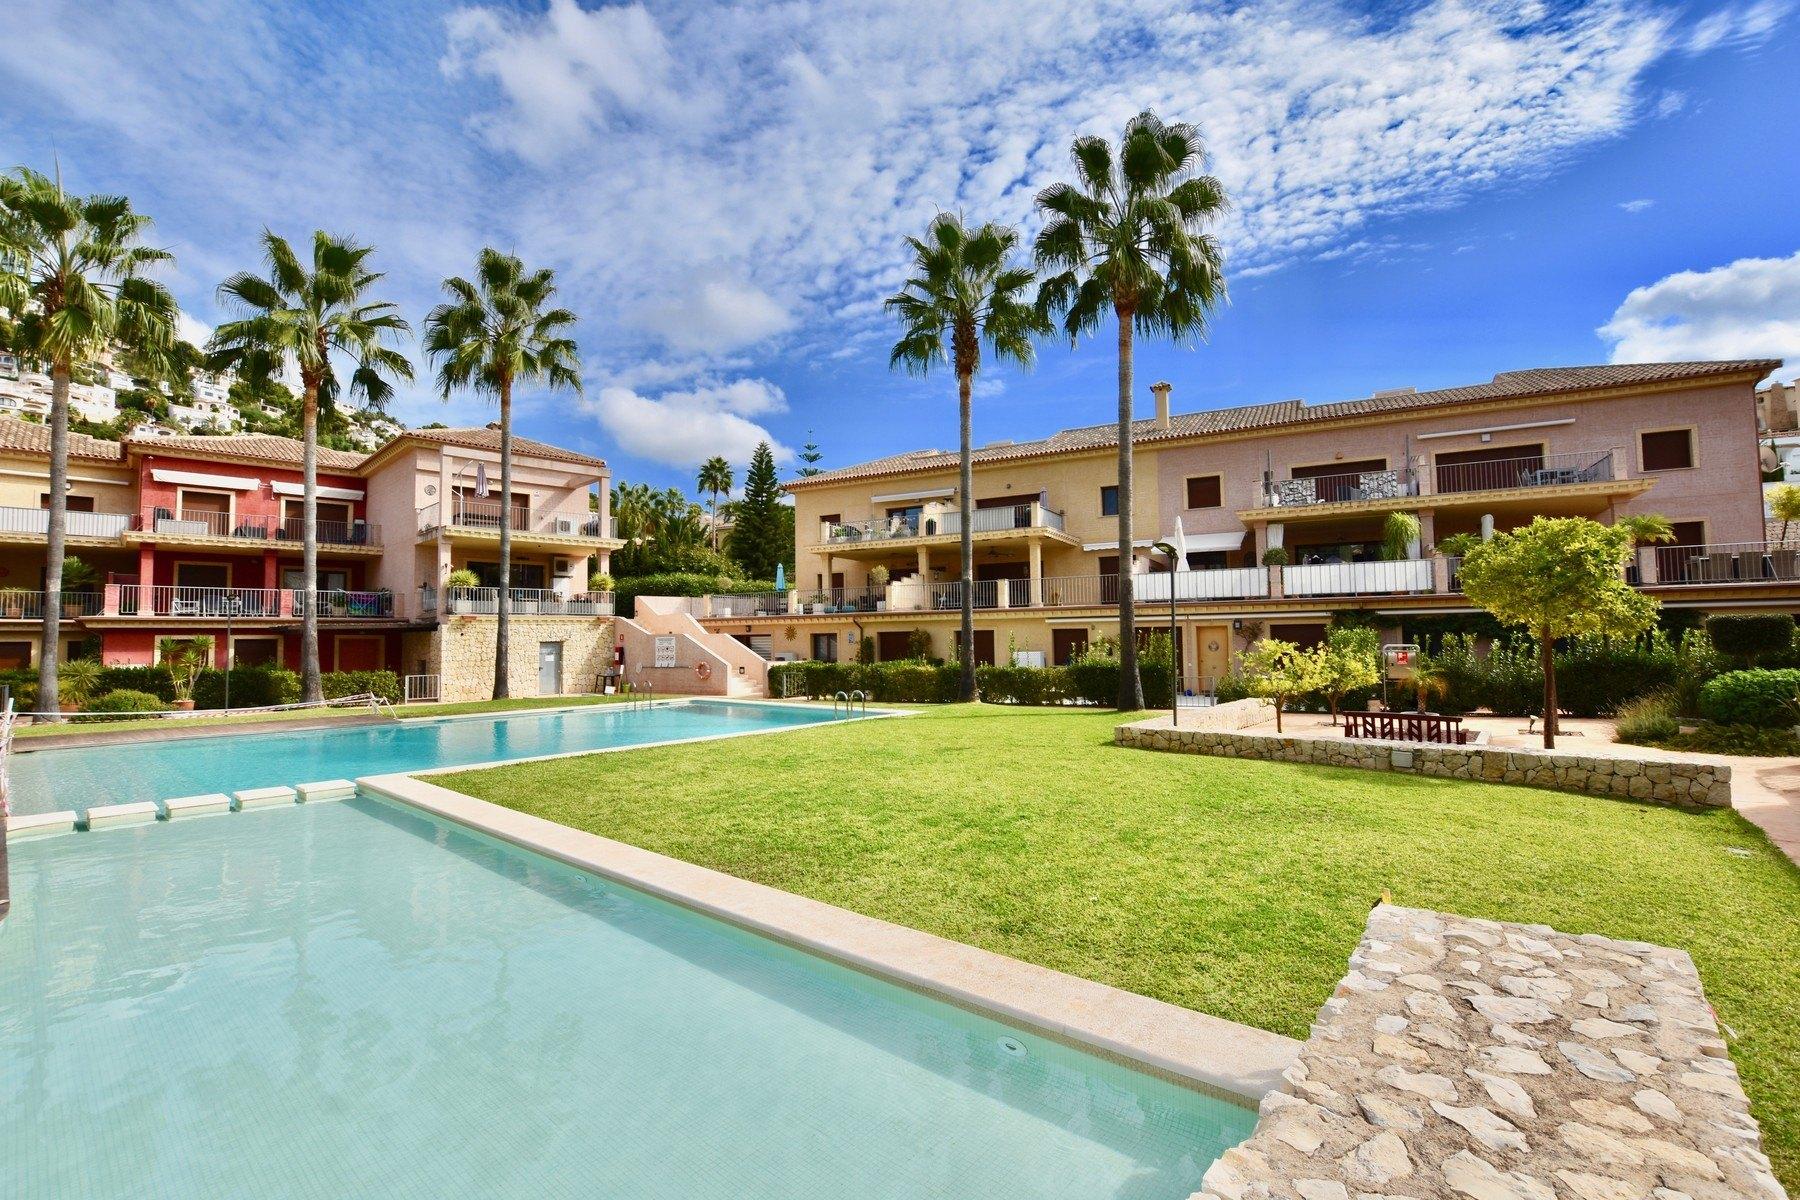 2-Zimmer-Wohnung zum Verkauf in Moraira in Urbanisation Jardines de Montemar - Costa Blanca